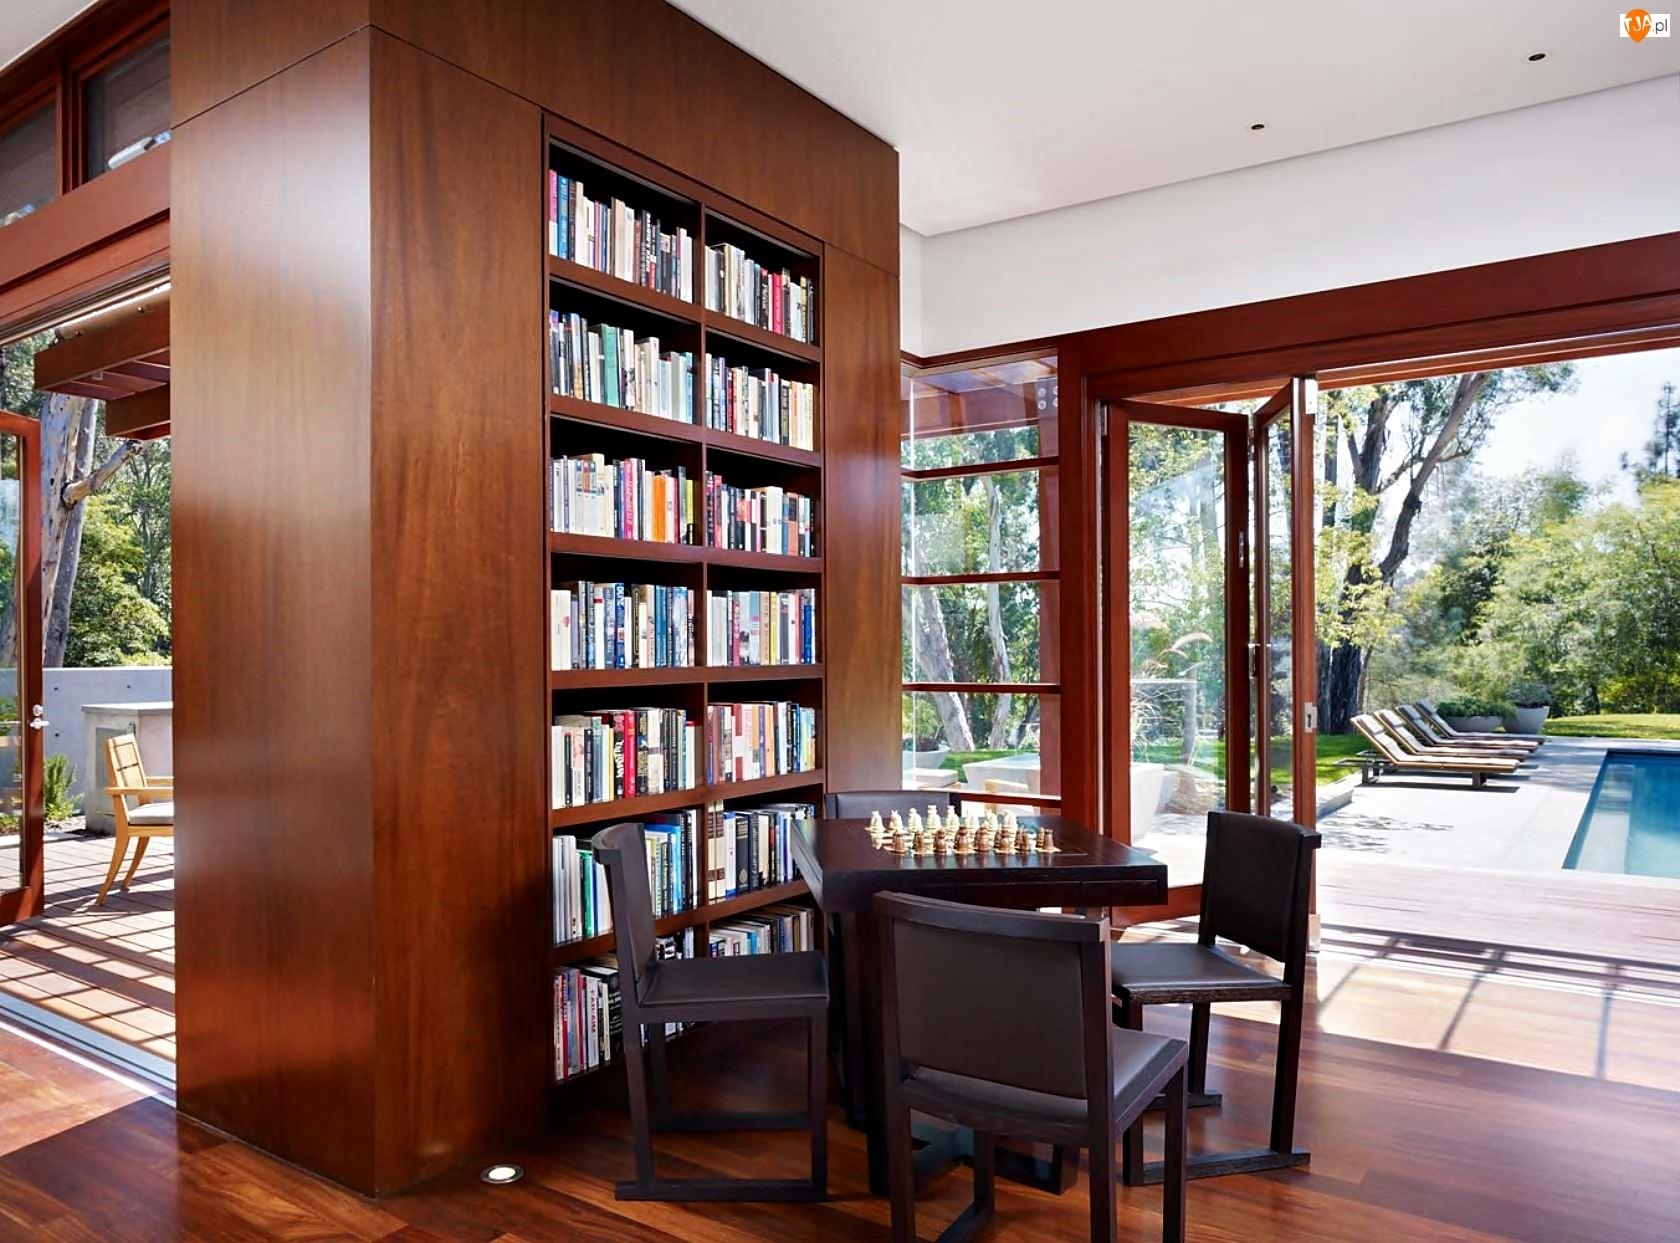 Стильные стеллажи для книг в современном интерьере.